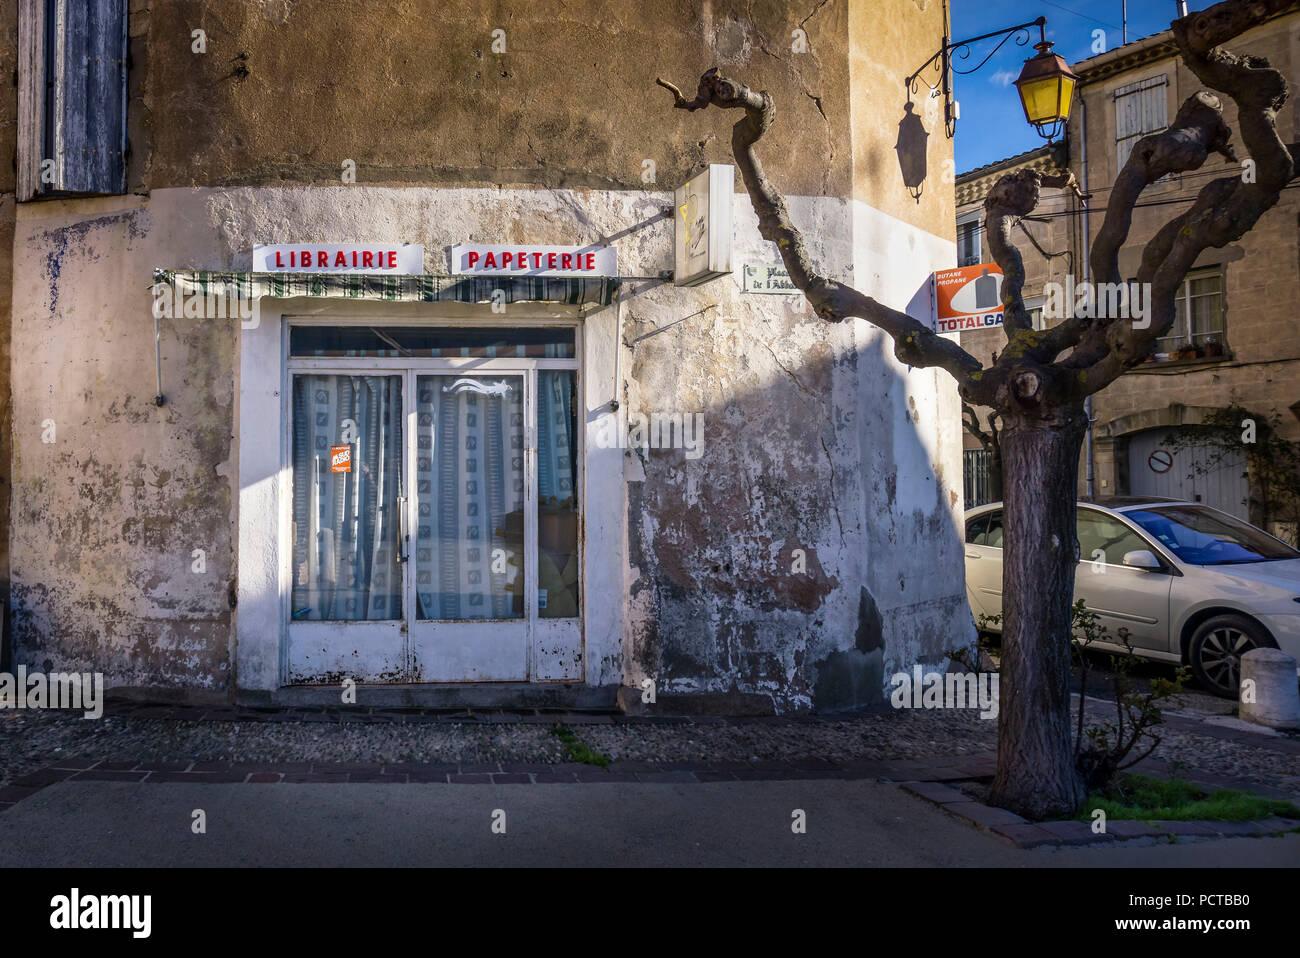 Librairie papeterie fermée et à Quarante Photo Stock